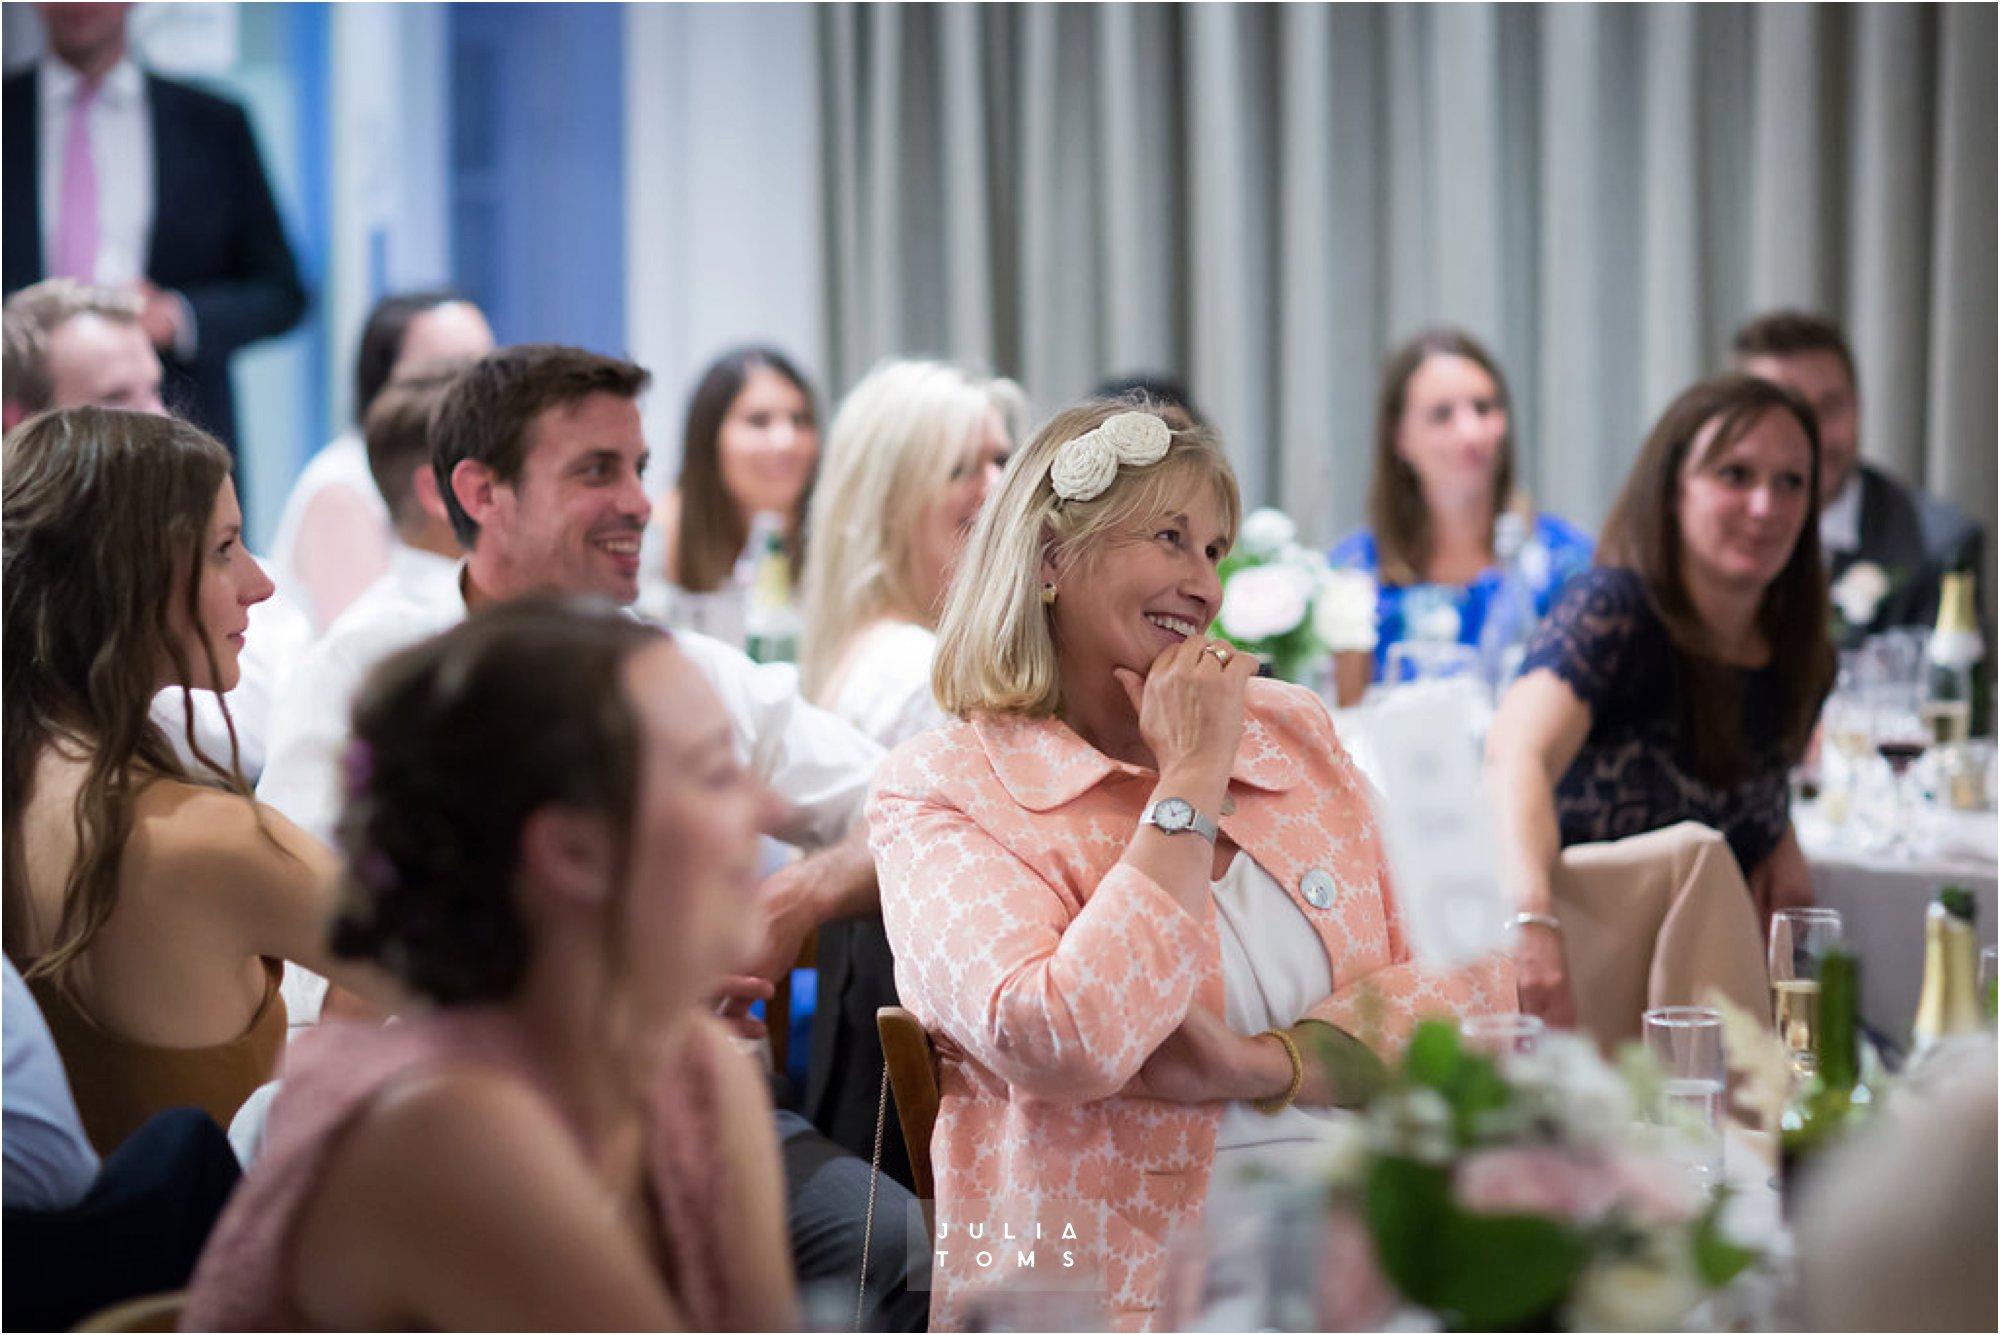 itchenor_wedding_chichester_photographer_082.jpg